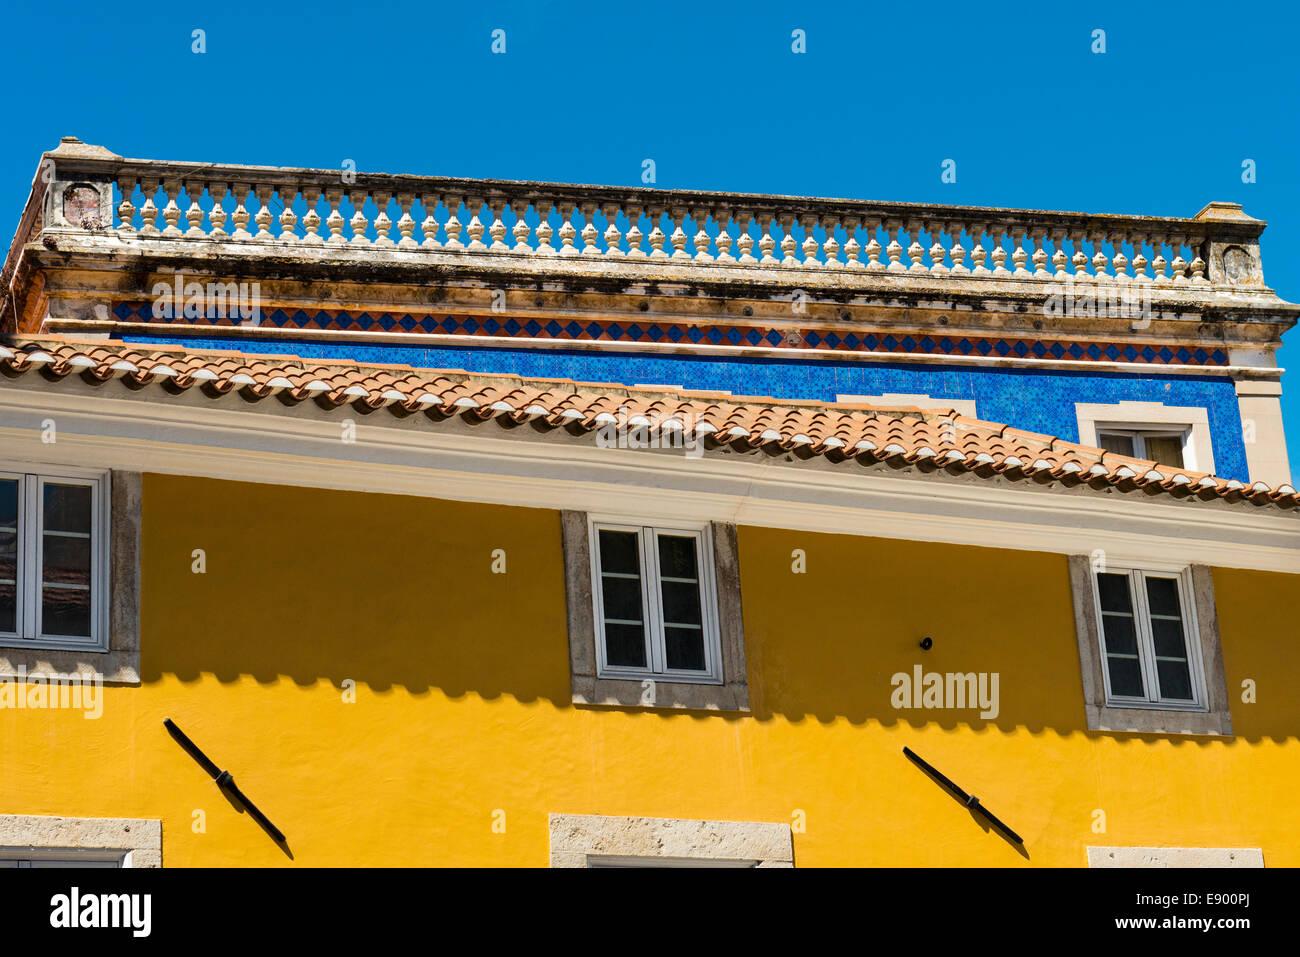 Sintra Portugal Details Steinbalustrade blaue Kachel Kacheln Fassade Senf Farbe gestrichene Gebäude Dachziegel Stockbild